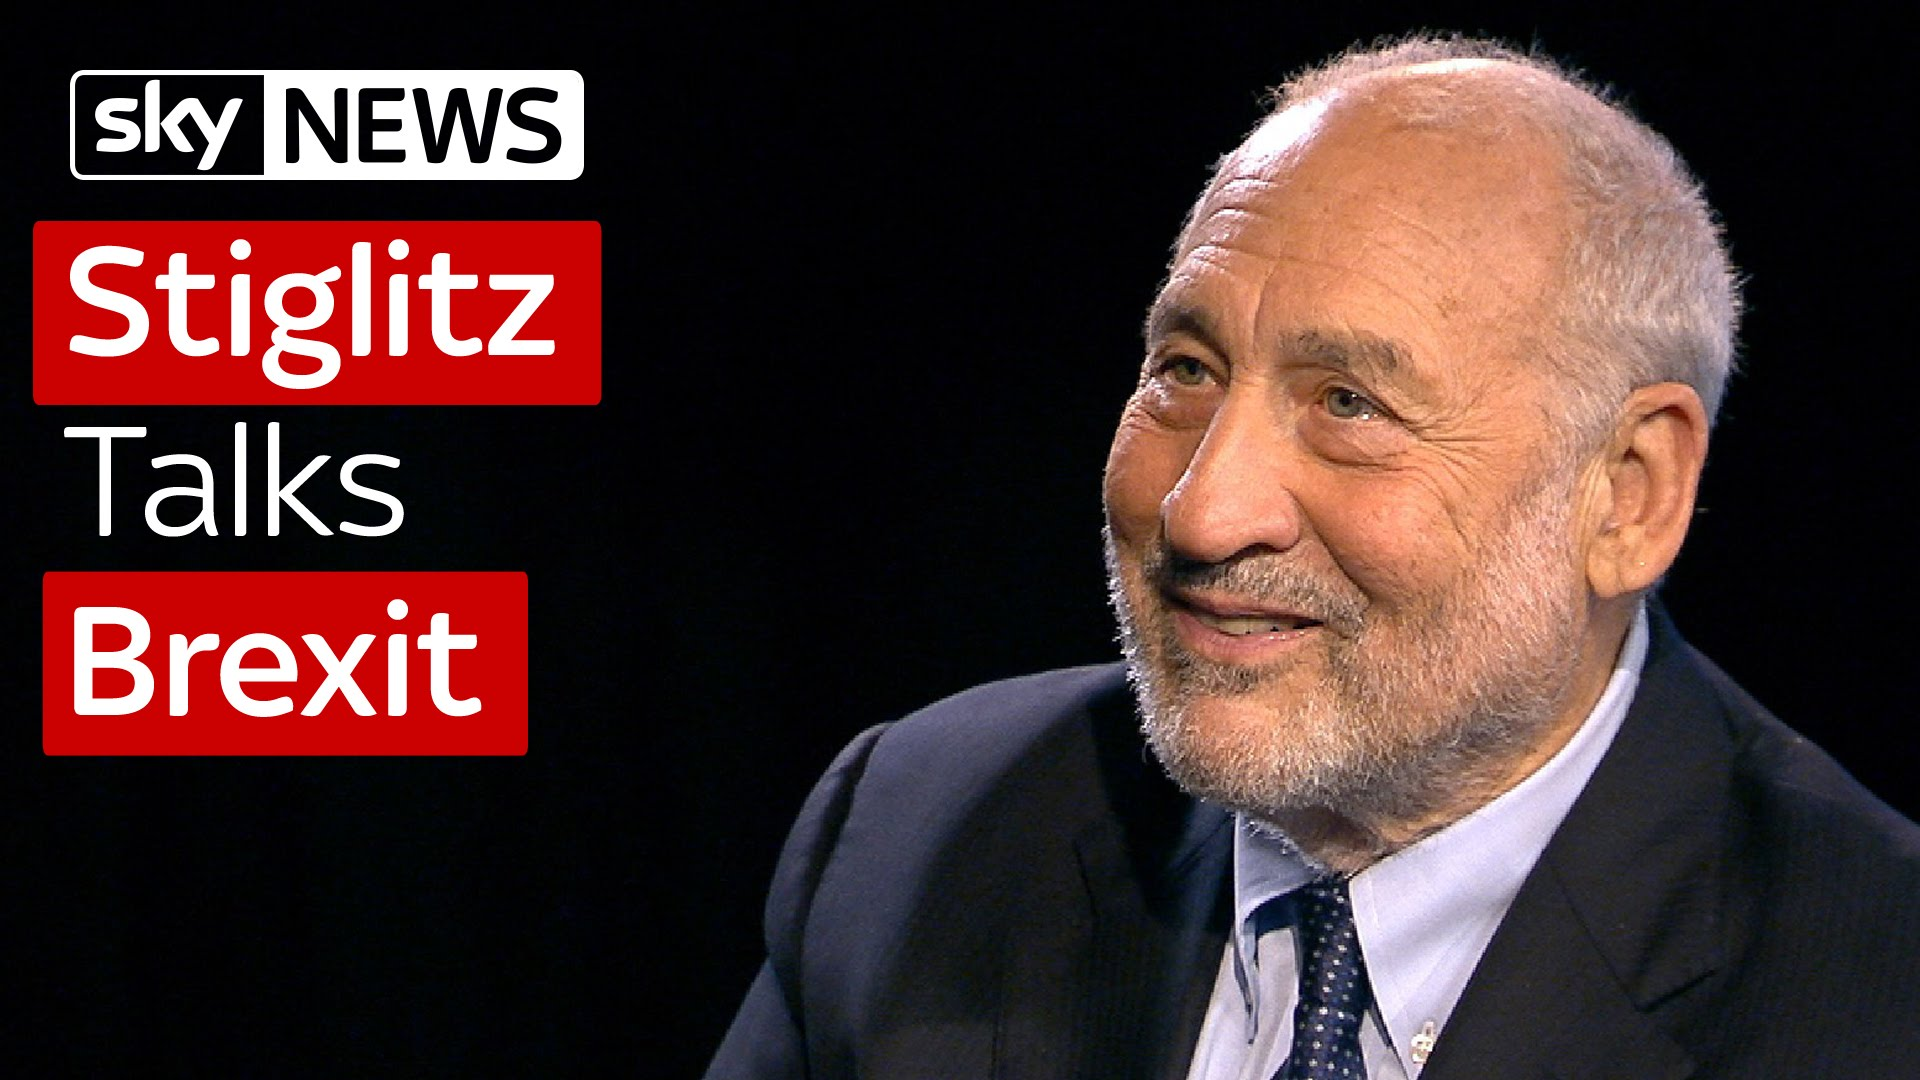 Professor Joseph Stiglitz Talks Brexit 2